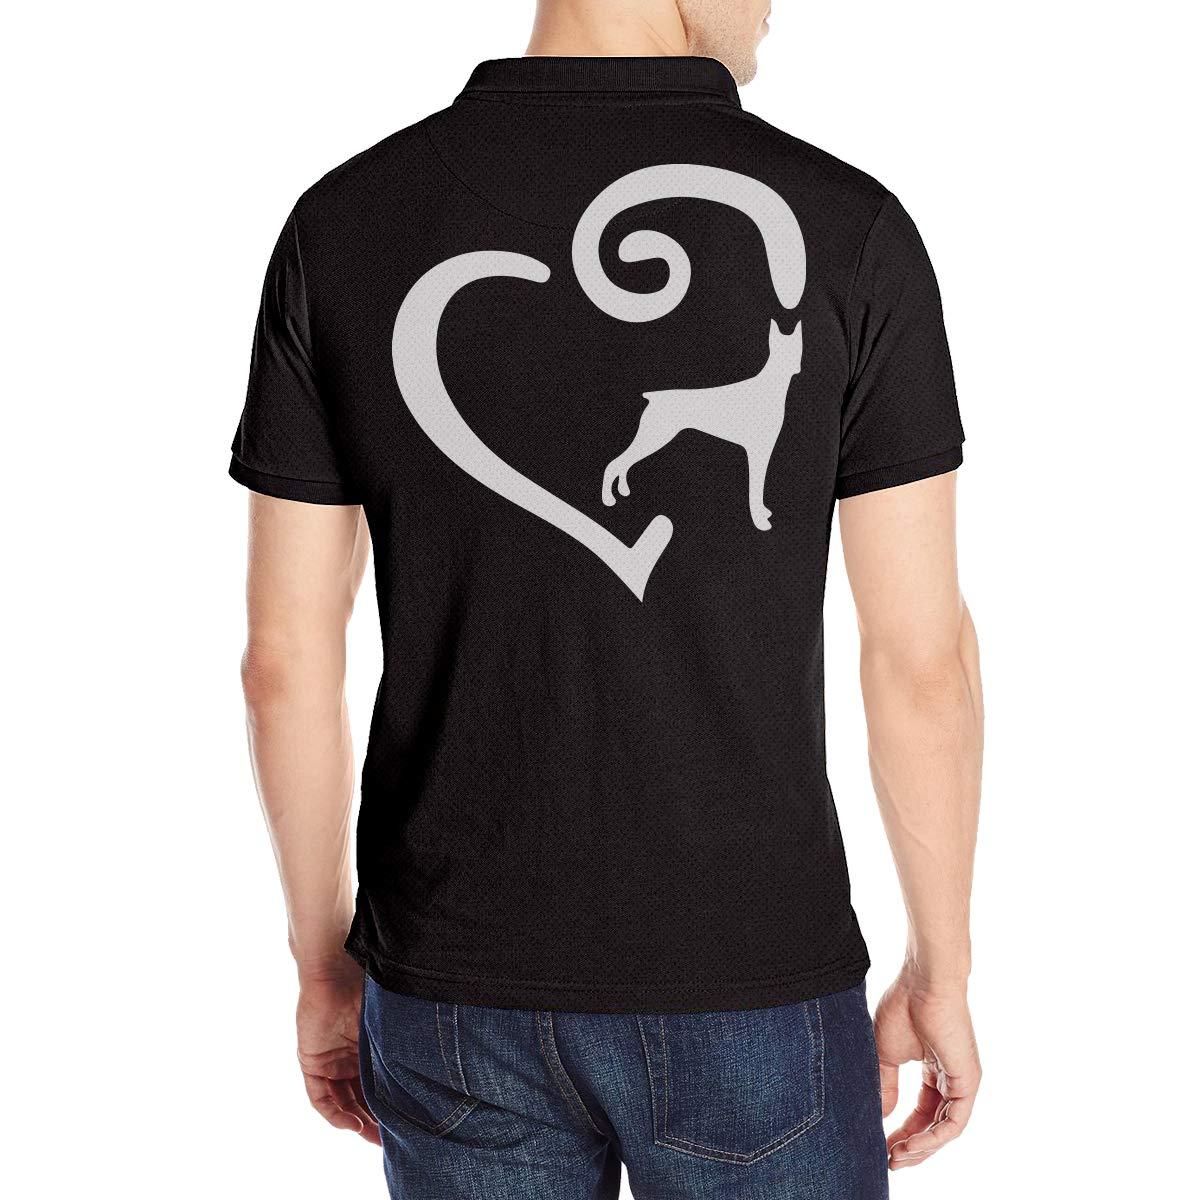 POJing-Q74 Doberman Heart-1 Mens Basic Designed Short-Sleeve Polo Shirt